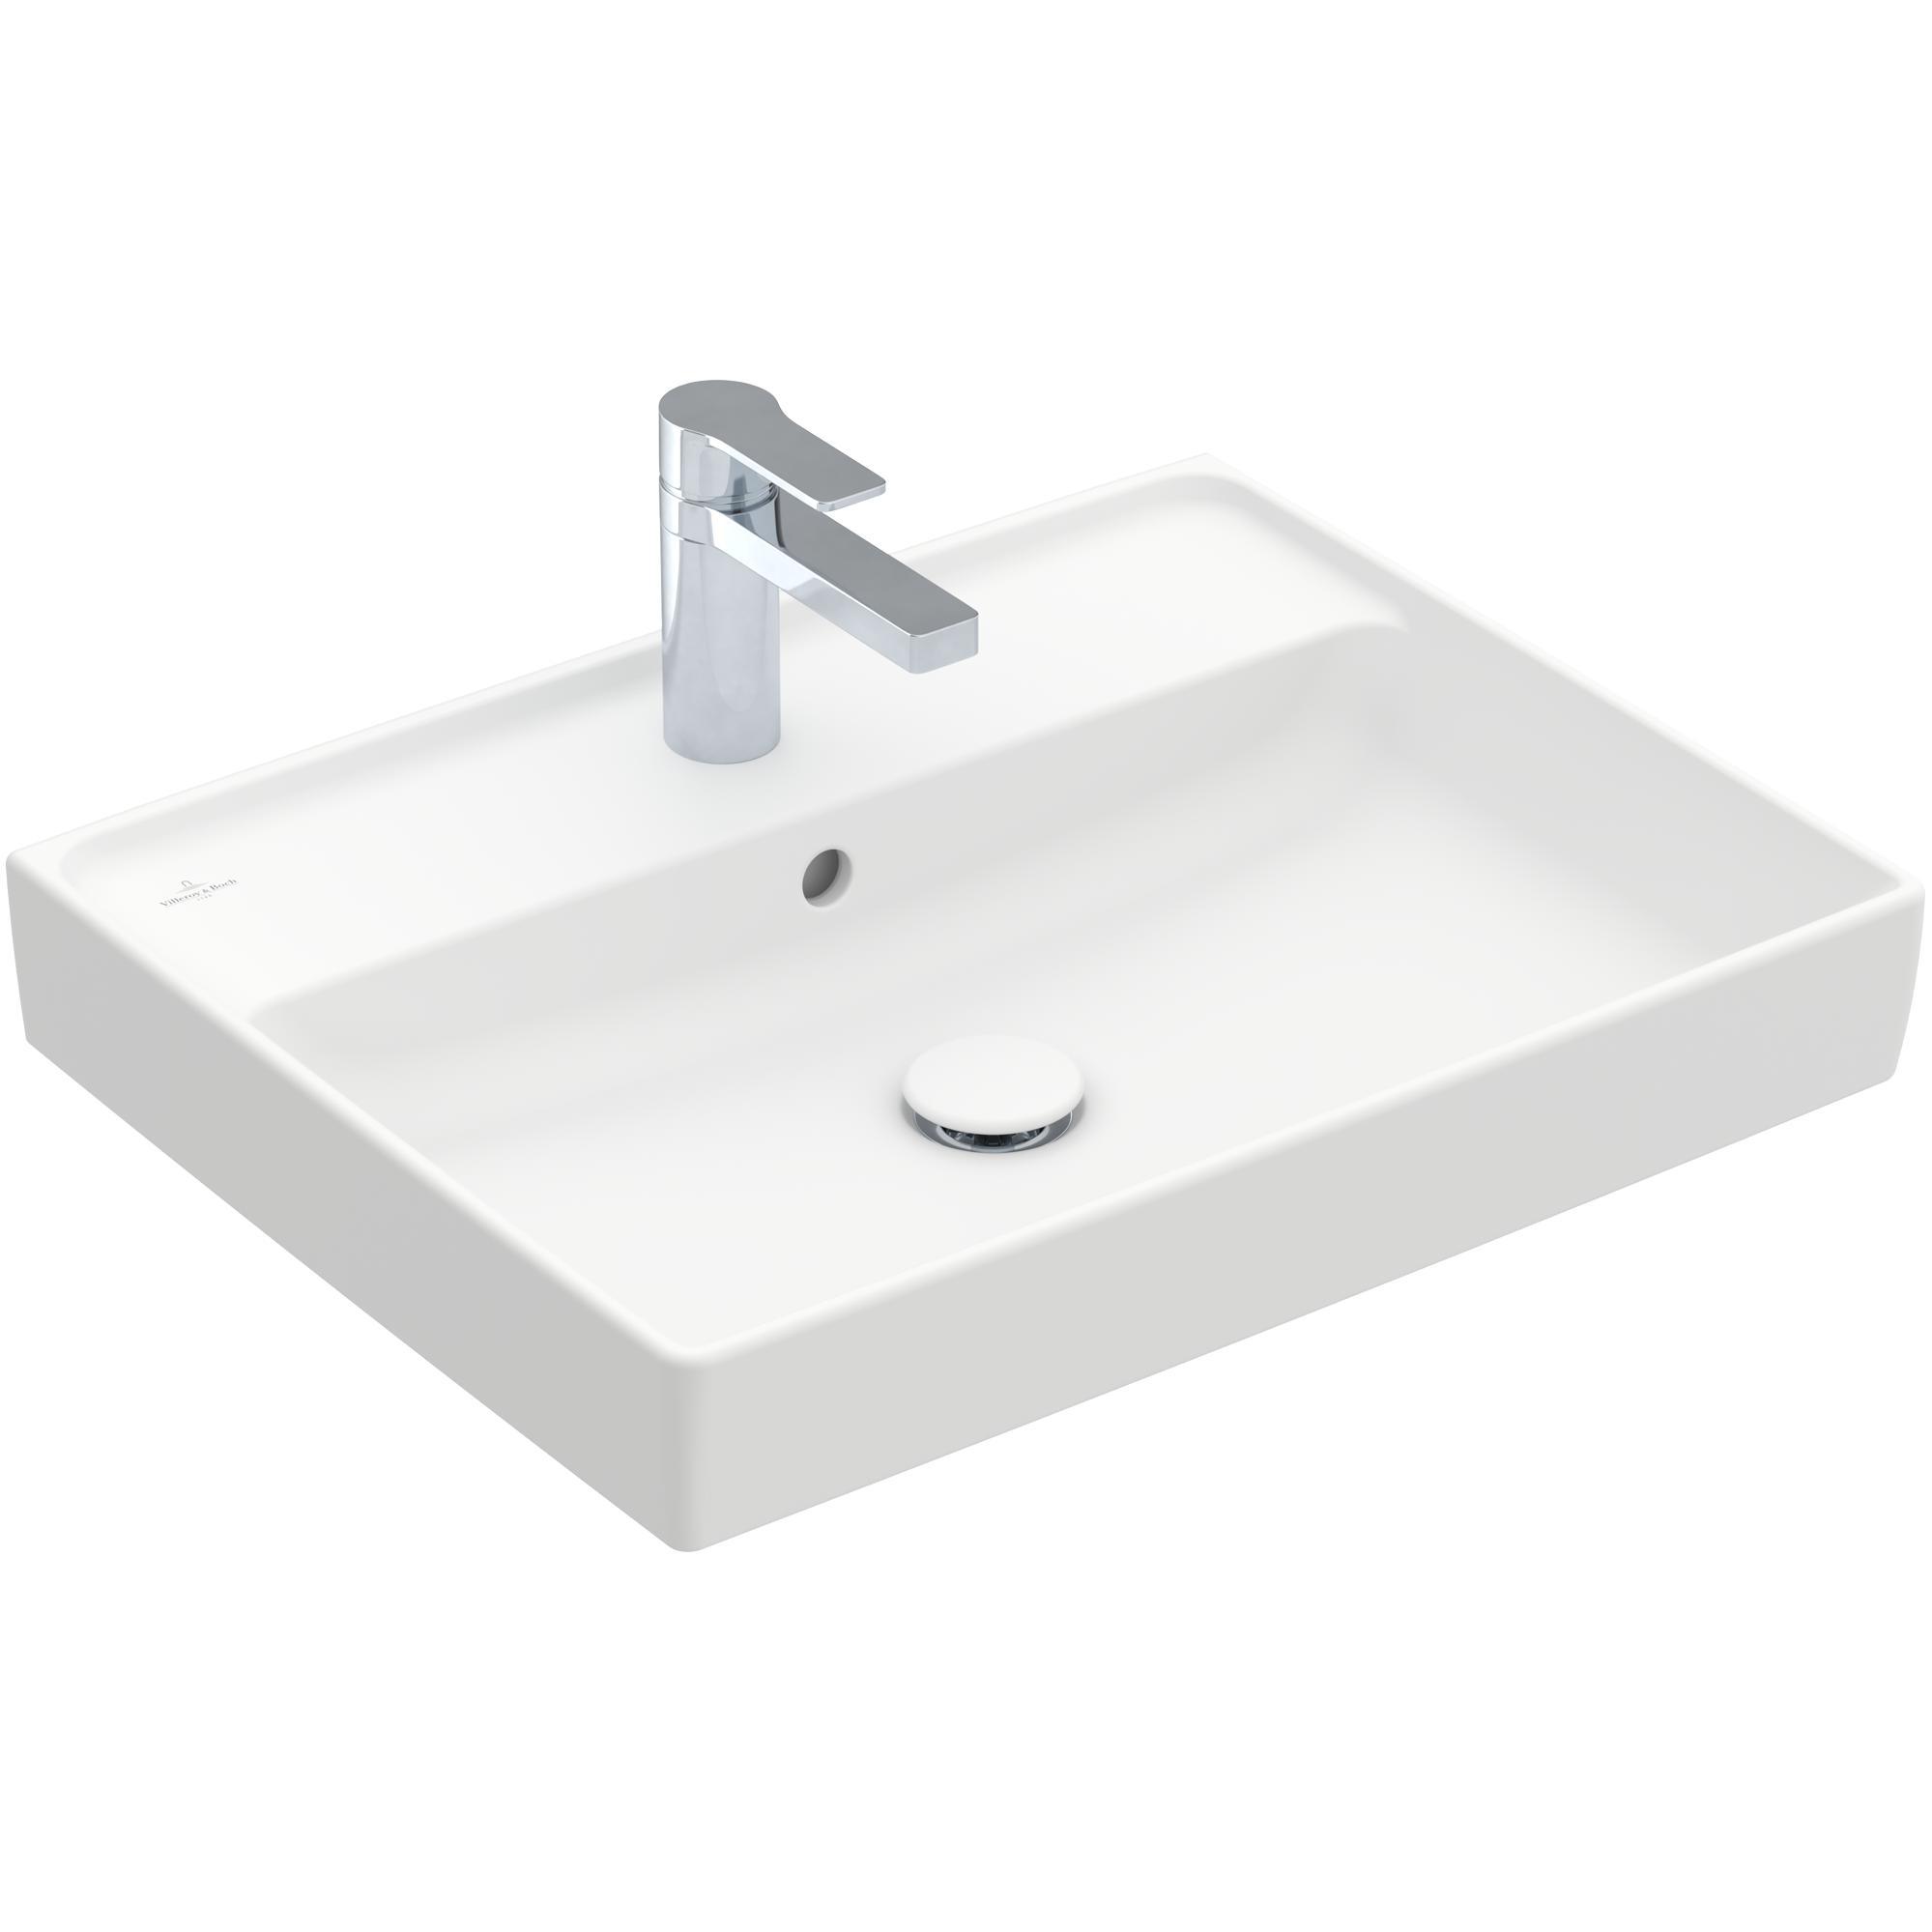 Tvättställ Villeroy & Boch Collaro Väggmonterat